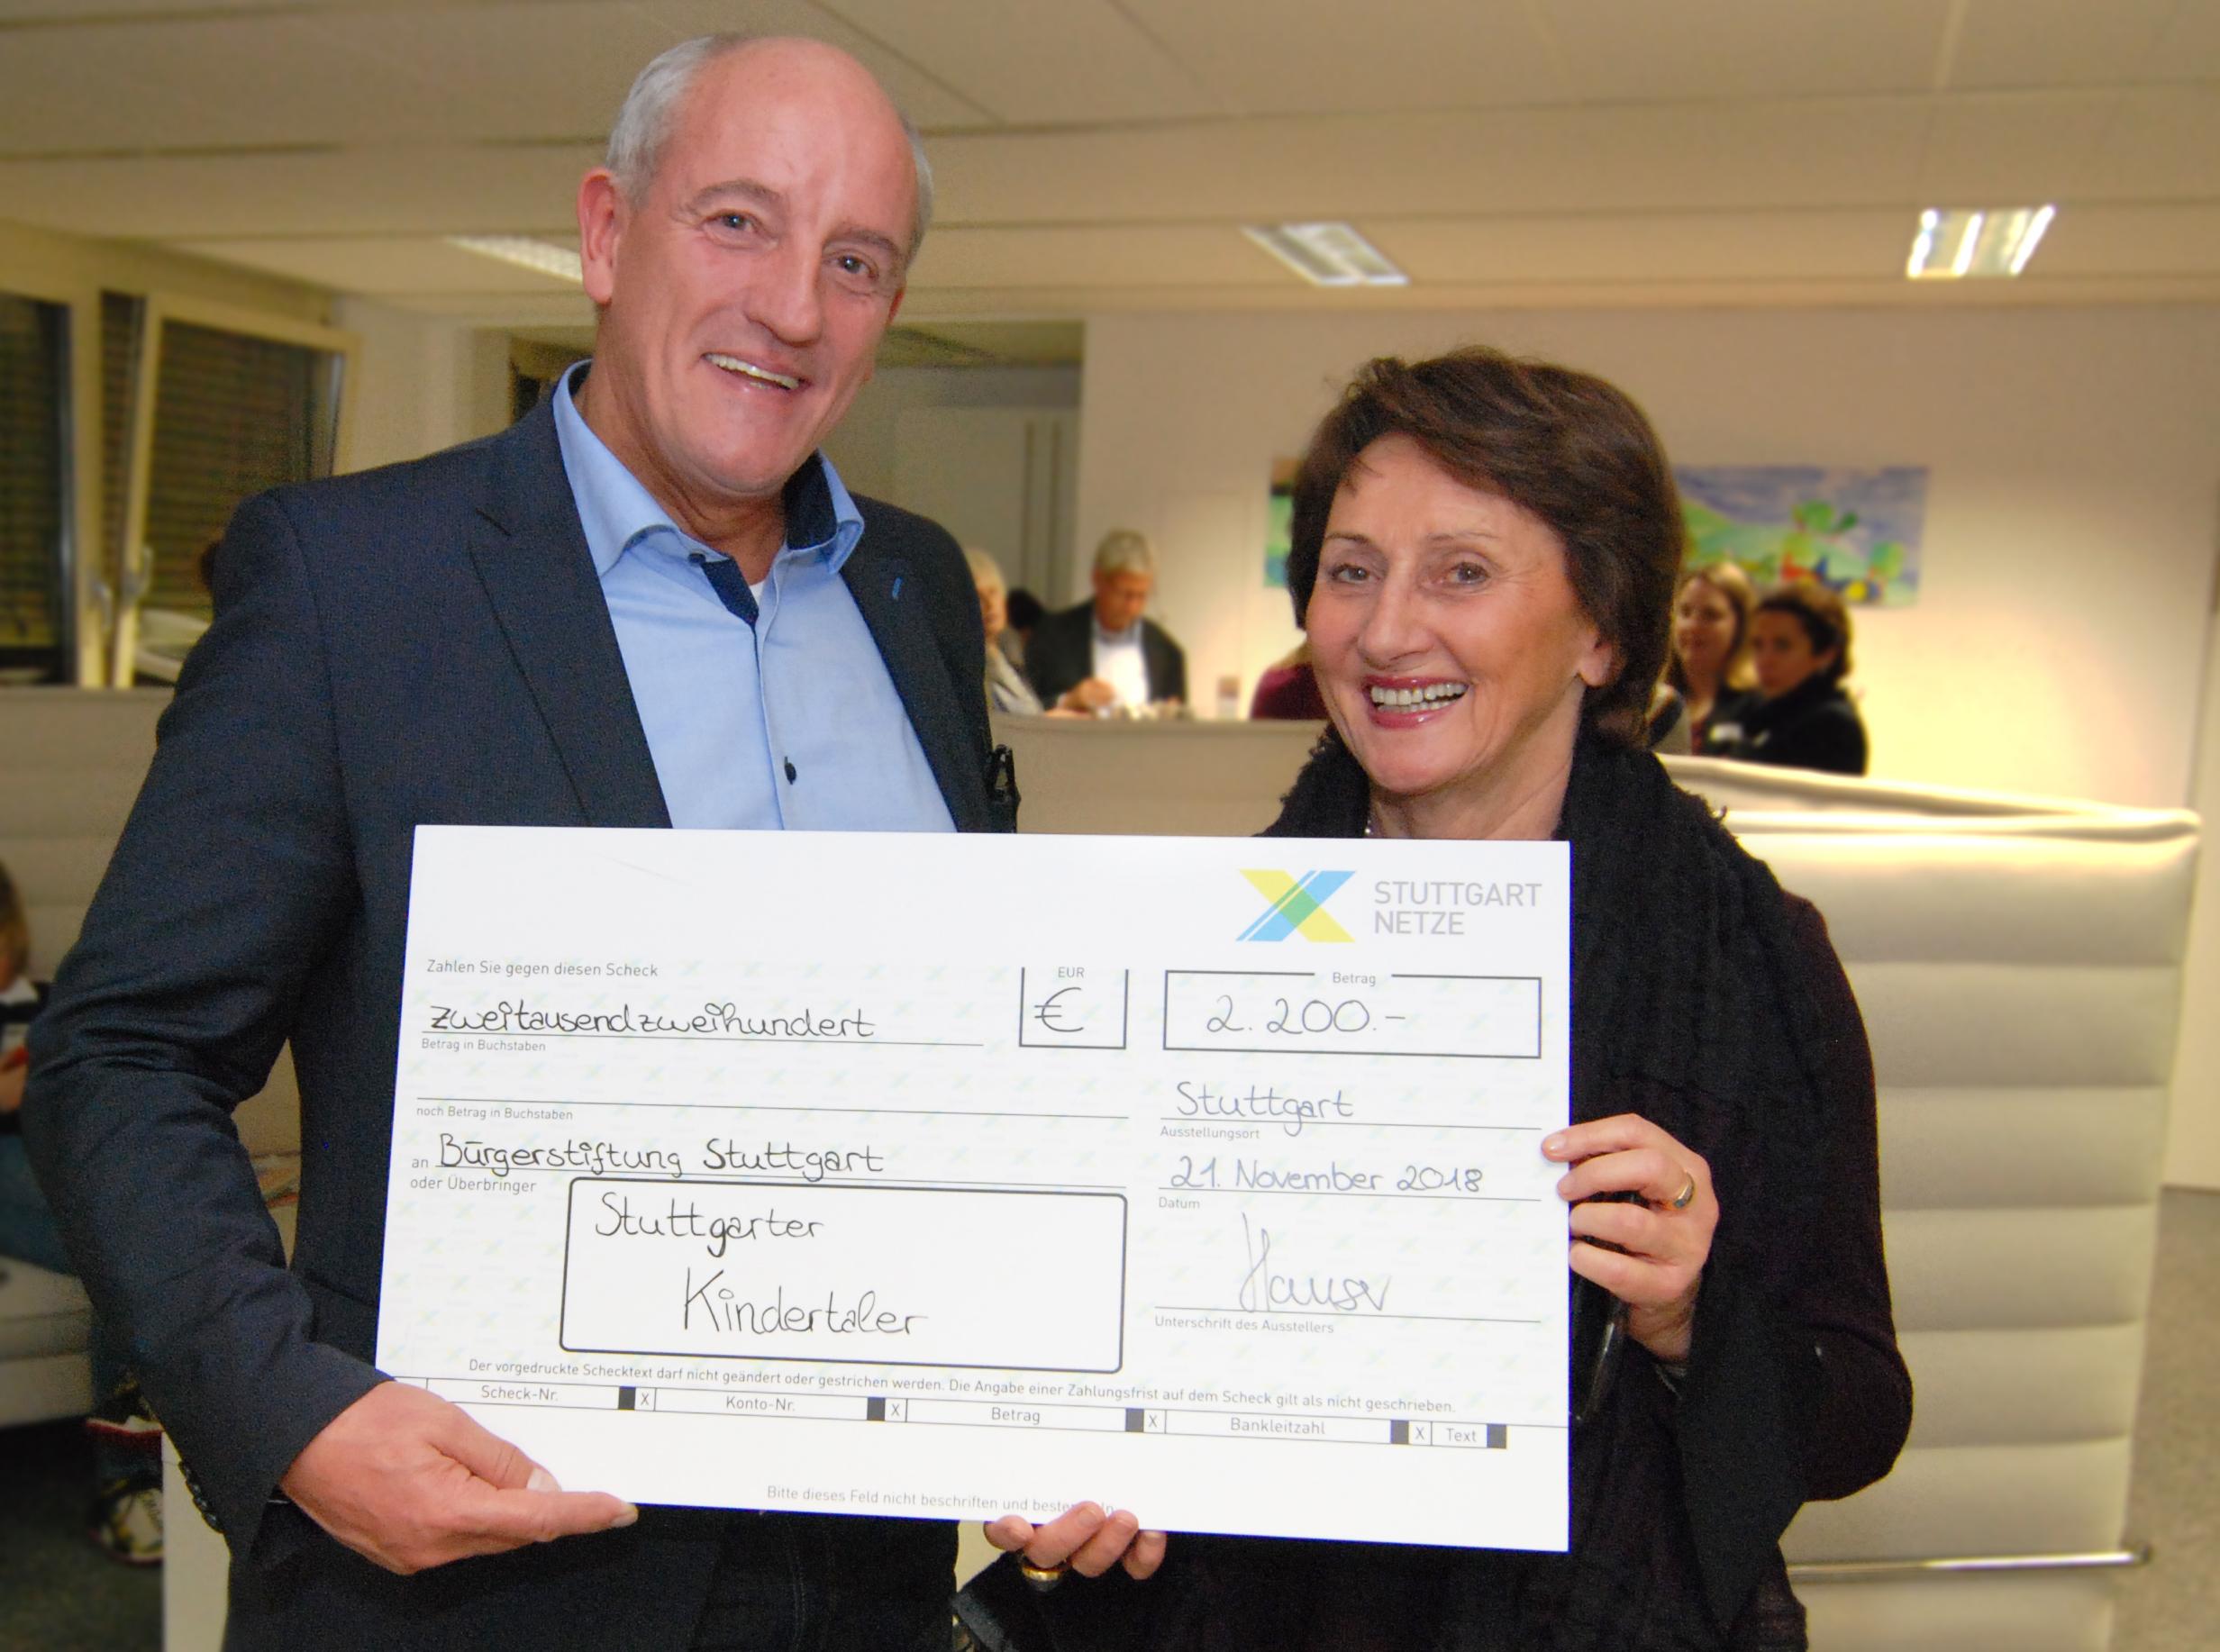 Helga Breuninger (Vorsitzende des Vorstandes) bedankt sich bei Harald Hauser (Stuttgart Netze) für die Spende und nimmt den symbolischen Scheck über 2.200 Euro während der diesjährigen Stifterversammlung der Bürgerstiftung Stuttgart am 21.11.2018 entgegen.  (Foto: Bürgerstiftung Stuttgart)